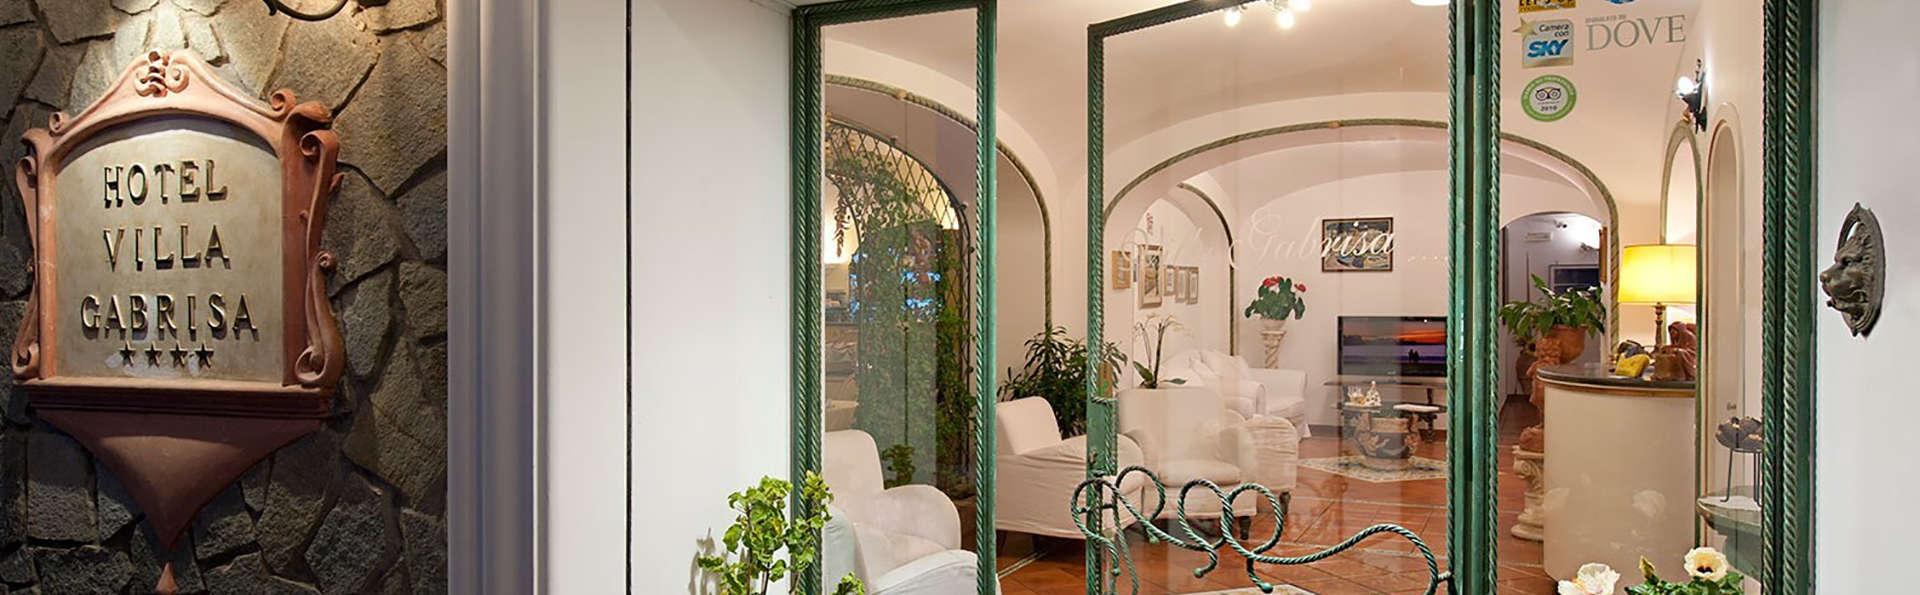 Hotel Villa Gabrisa - Edit_Front.jpg